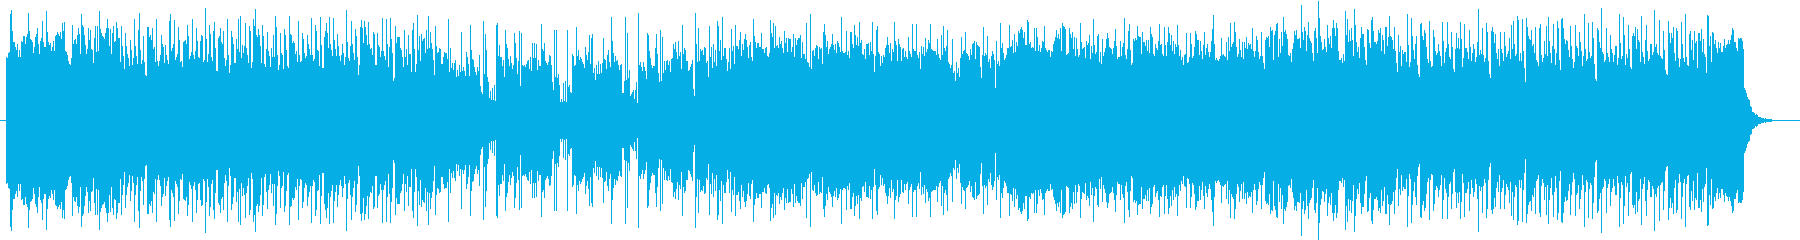 情熱的で感動的なストリングスポップスの再生済みの波形